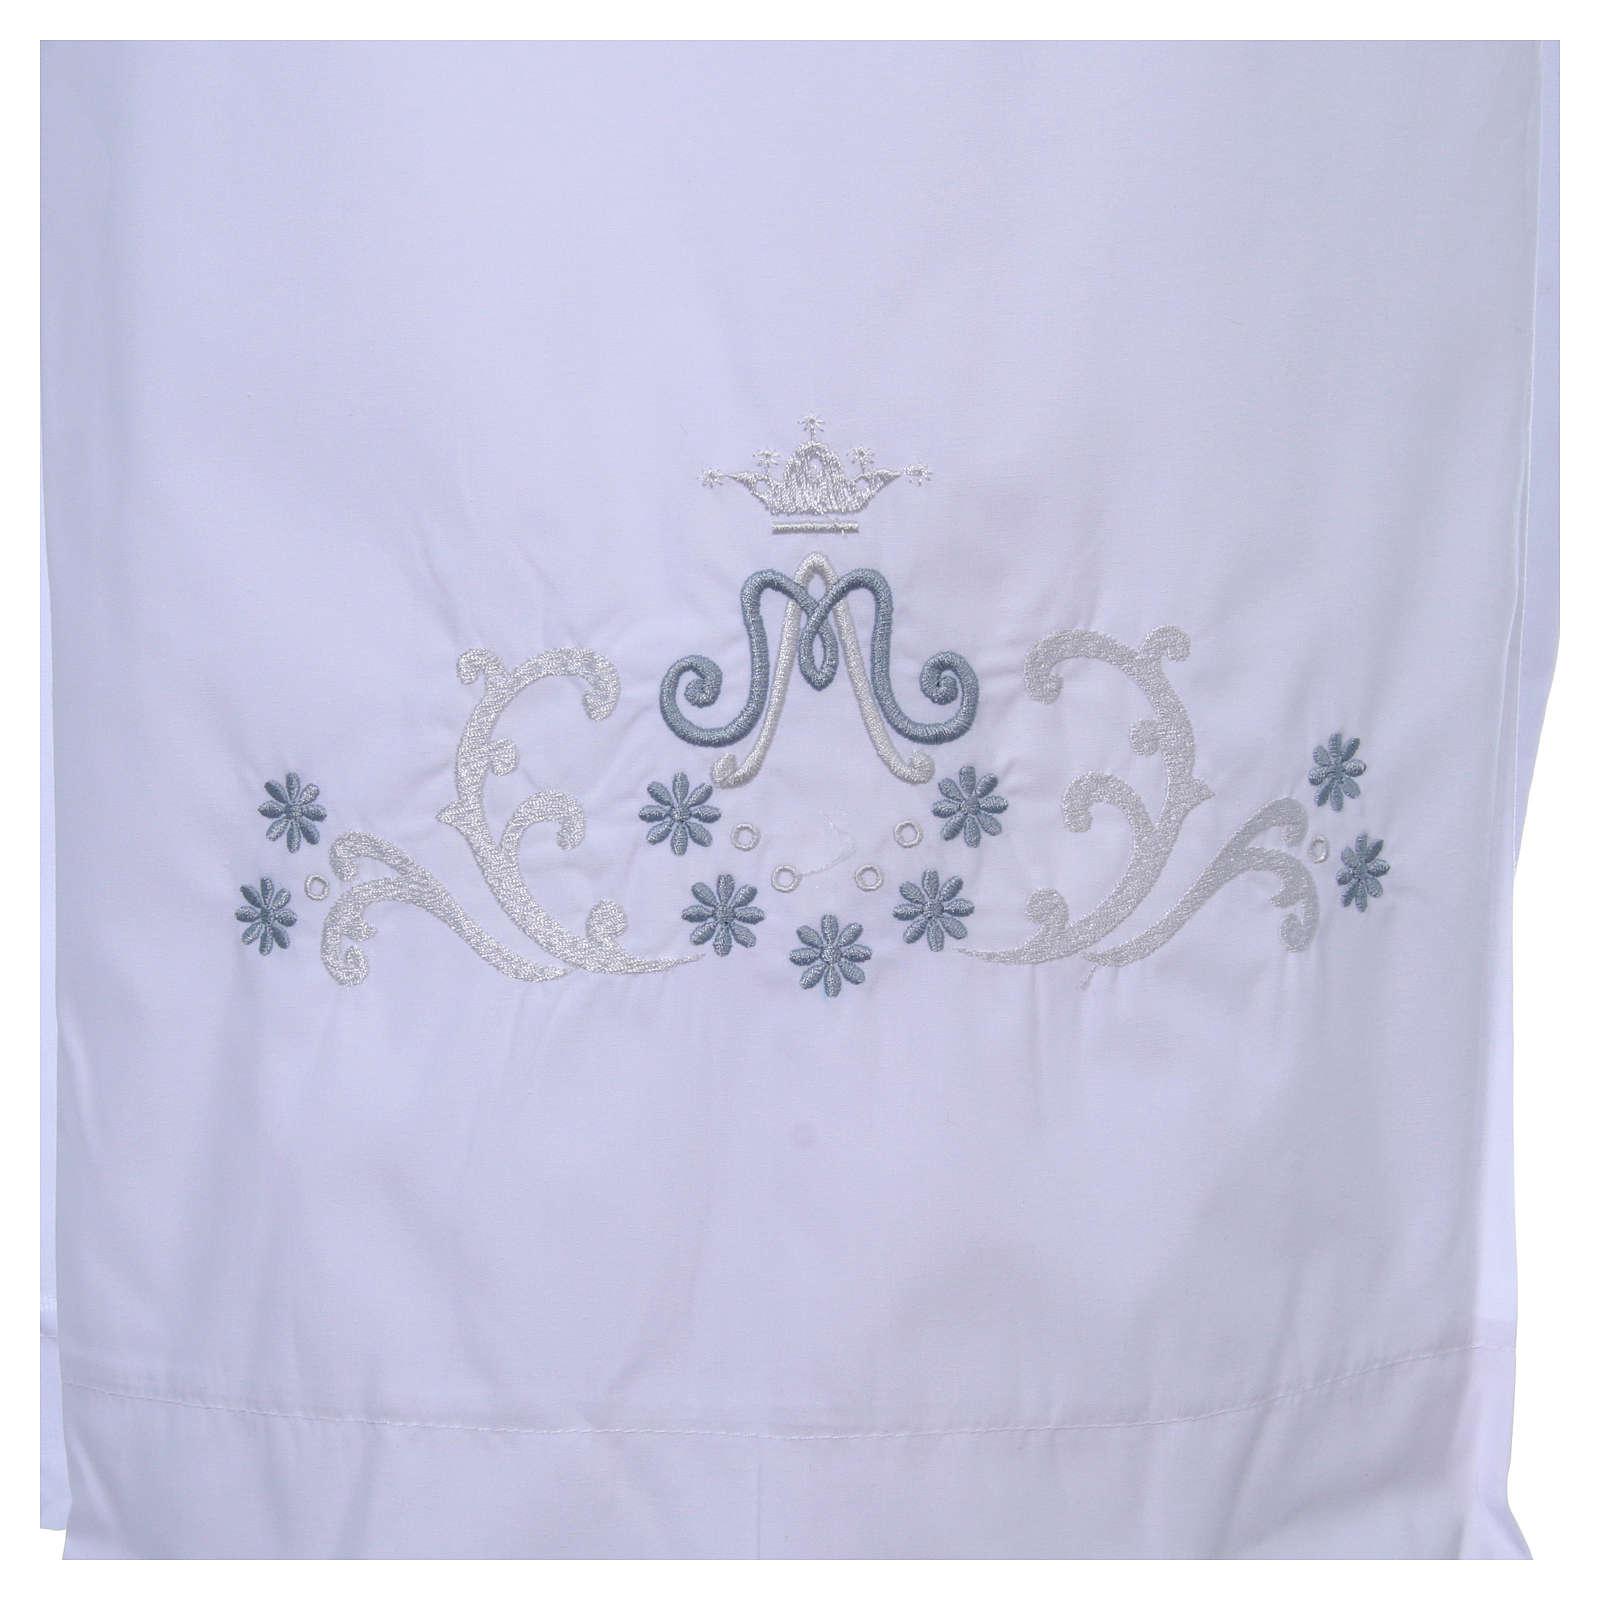 Alva com bordado mariano ambos lados punhos misto algodão 4